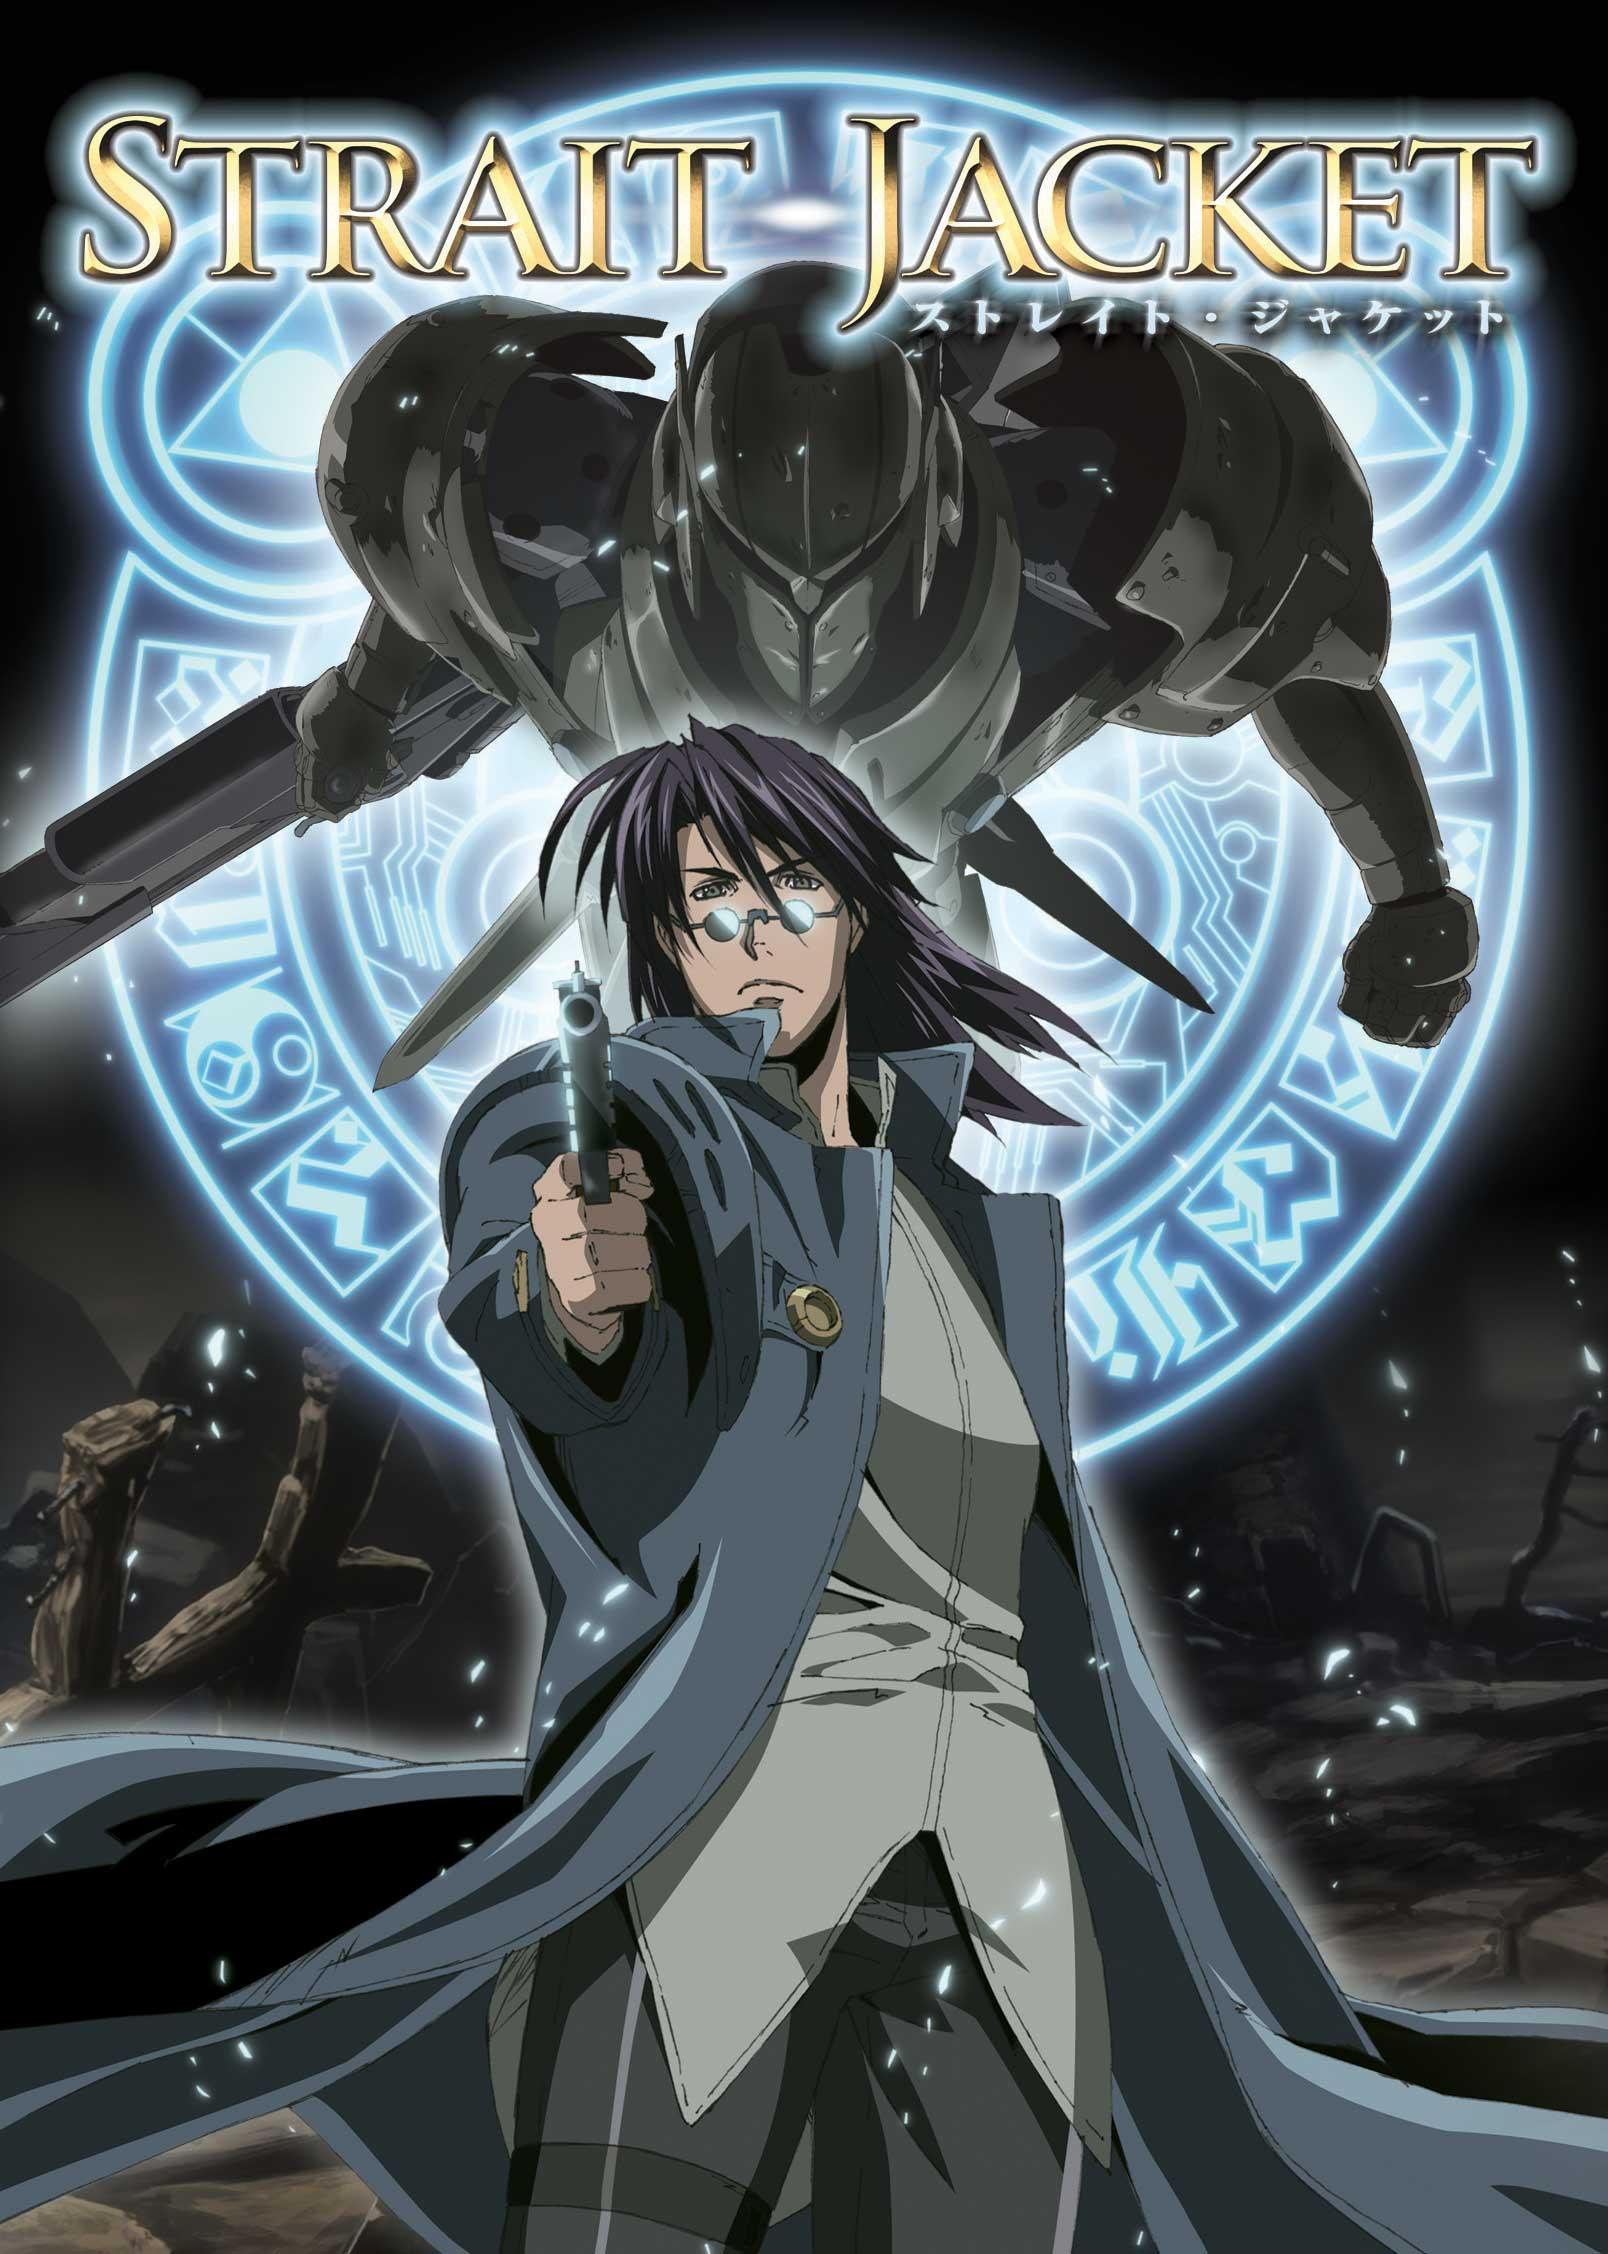 Strait Jacket - Zerochan Anime Image Board